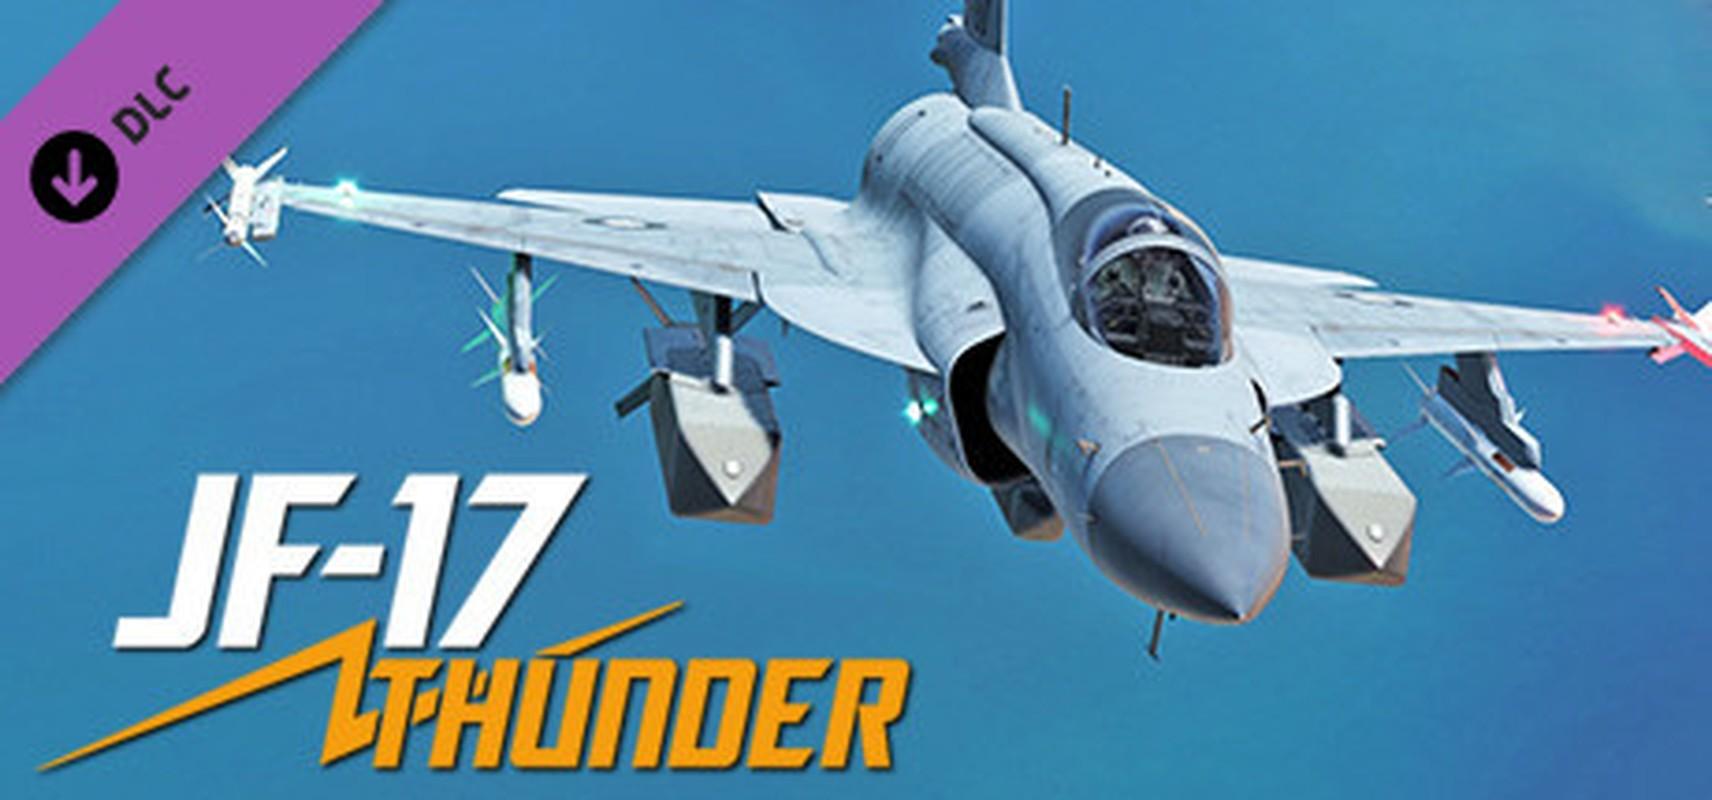 JF-17A cua Pakistan danh bai MiG-35 trong dieu tango Argentina cuong nhiet-Hinh-11